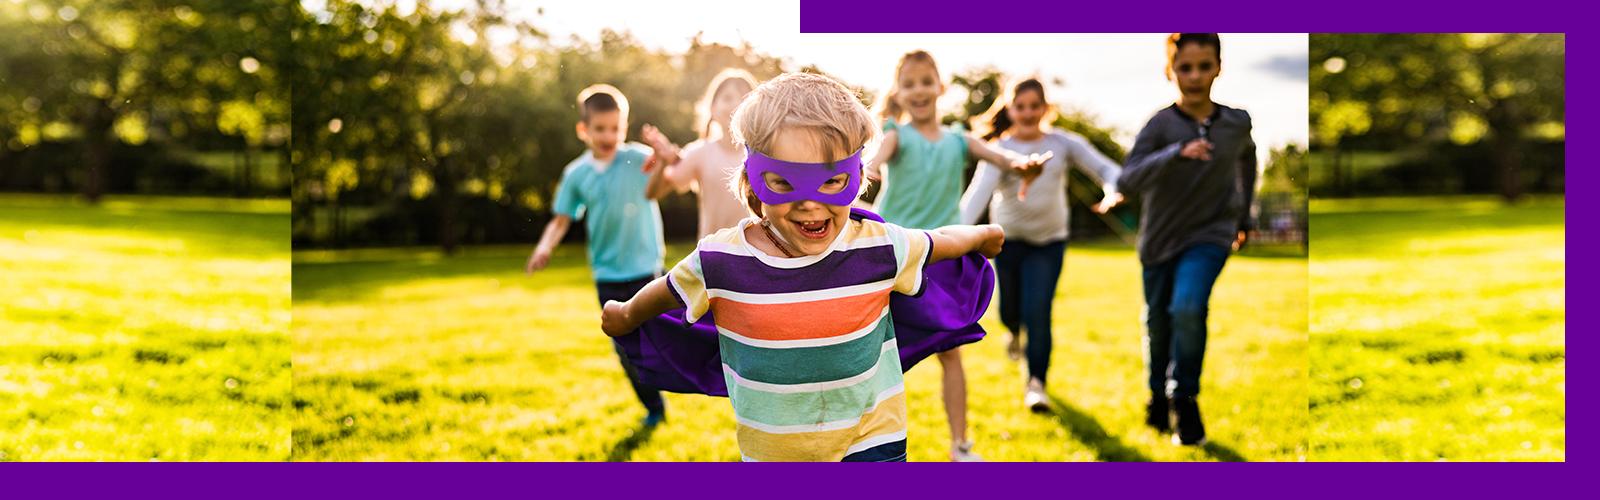 Menino está com máscara e capa de herói em pauta sobre como as histórias em quadrinho com super-heróis podem ser ferramentas pedagógicas. Ele tem menos de 10 anos de idade, veste camiseta colorida, capa e máscara roxas.